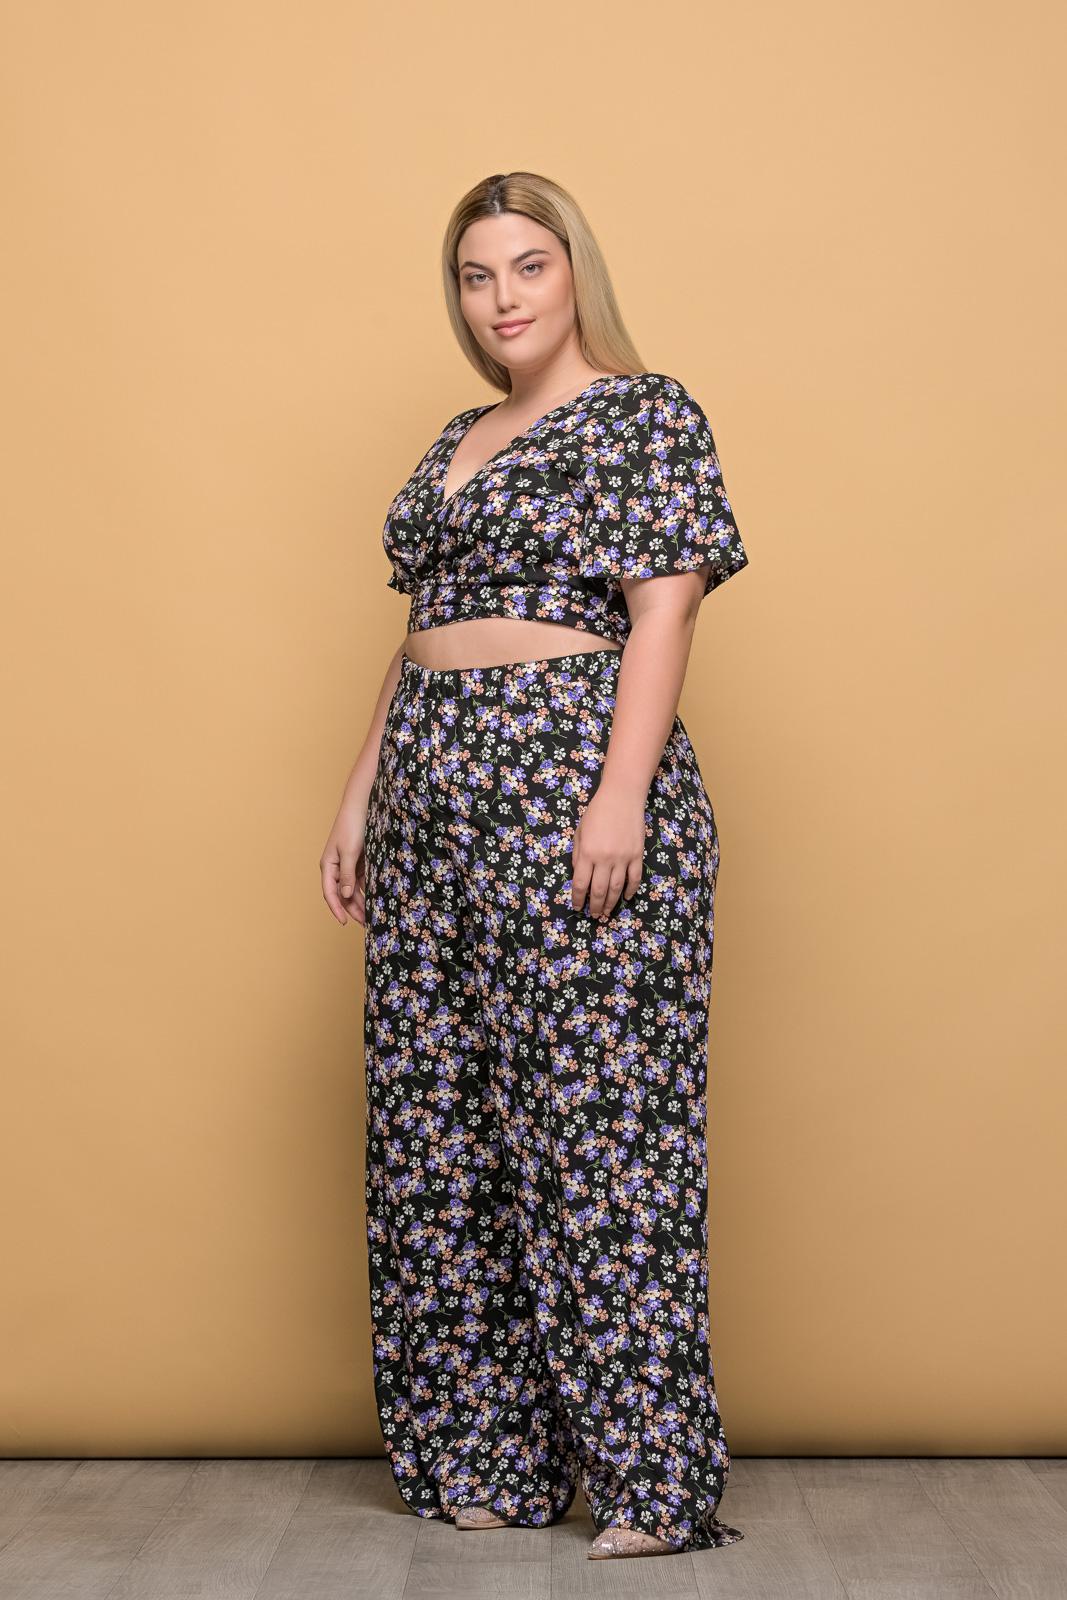 Κροπ-τοπ μεγάλα μεγέθη κρουαζέ floral/μαύρο με δέσιμο..Στο eshop μας θα βρείτε οικονομικά γυναίκεια ρούχα σε μεγάλα μεγέθη και υπερμεγέθη.